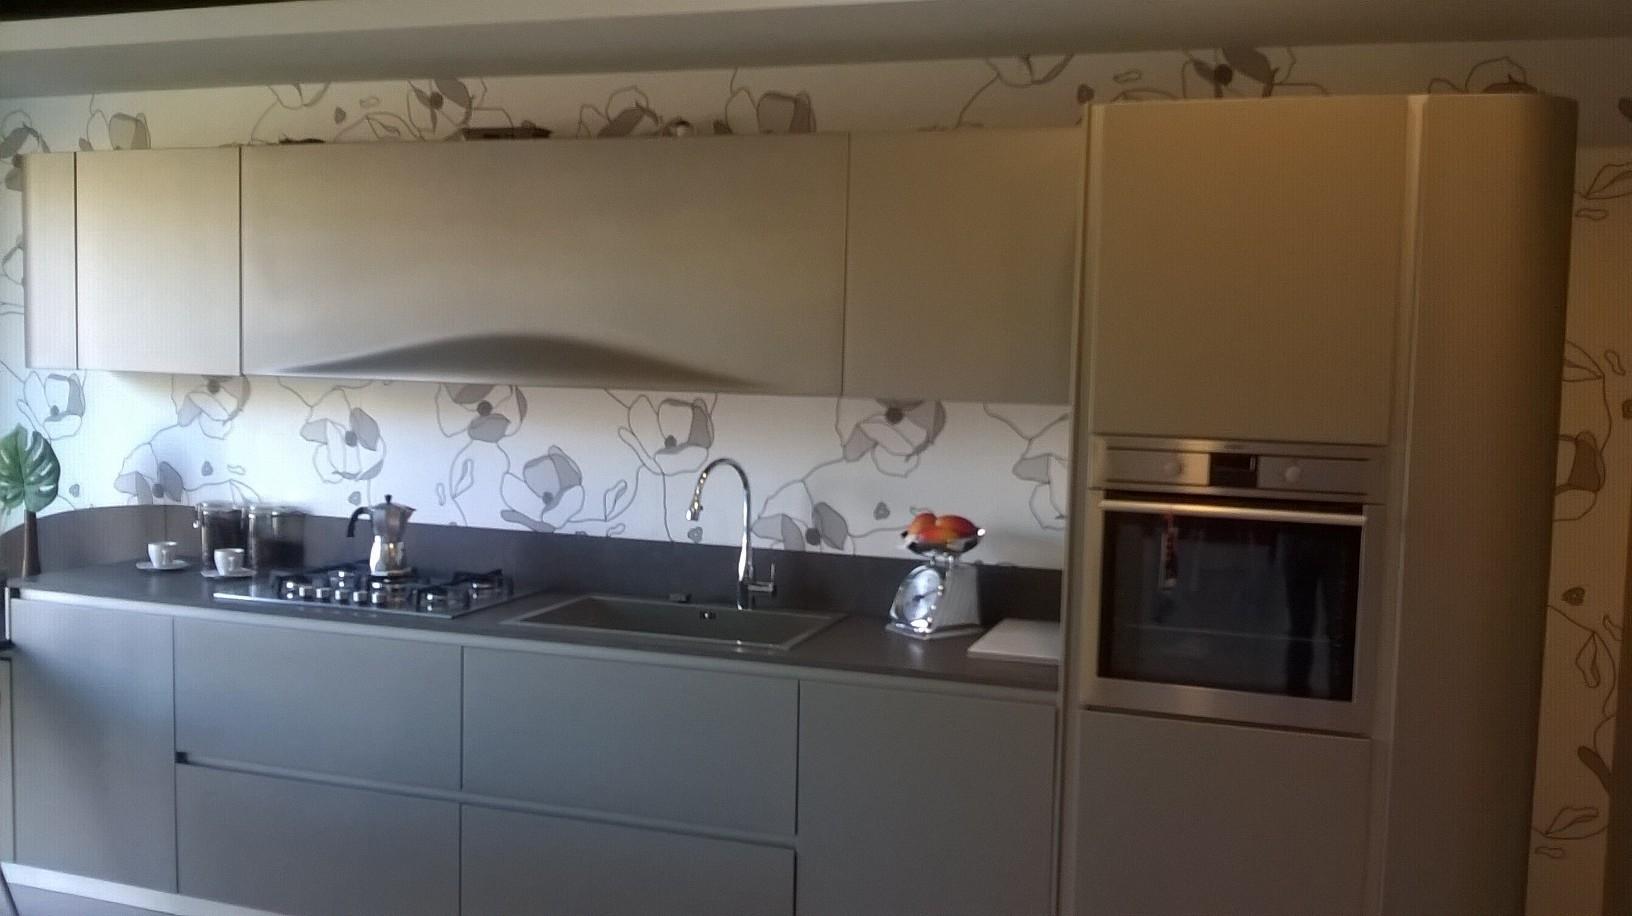 Cucina Soggiorno : Idee Divisori Cucina Soggiorno. Divisori Per Cucina  #63492E 1632 916 Dividere Cucina E Sala Da Pranzo